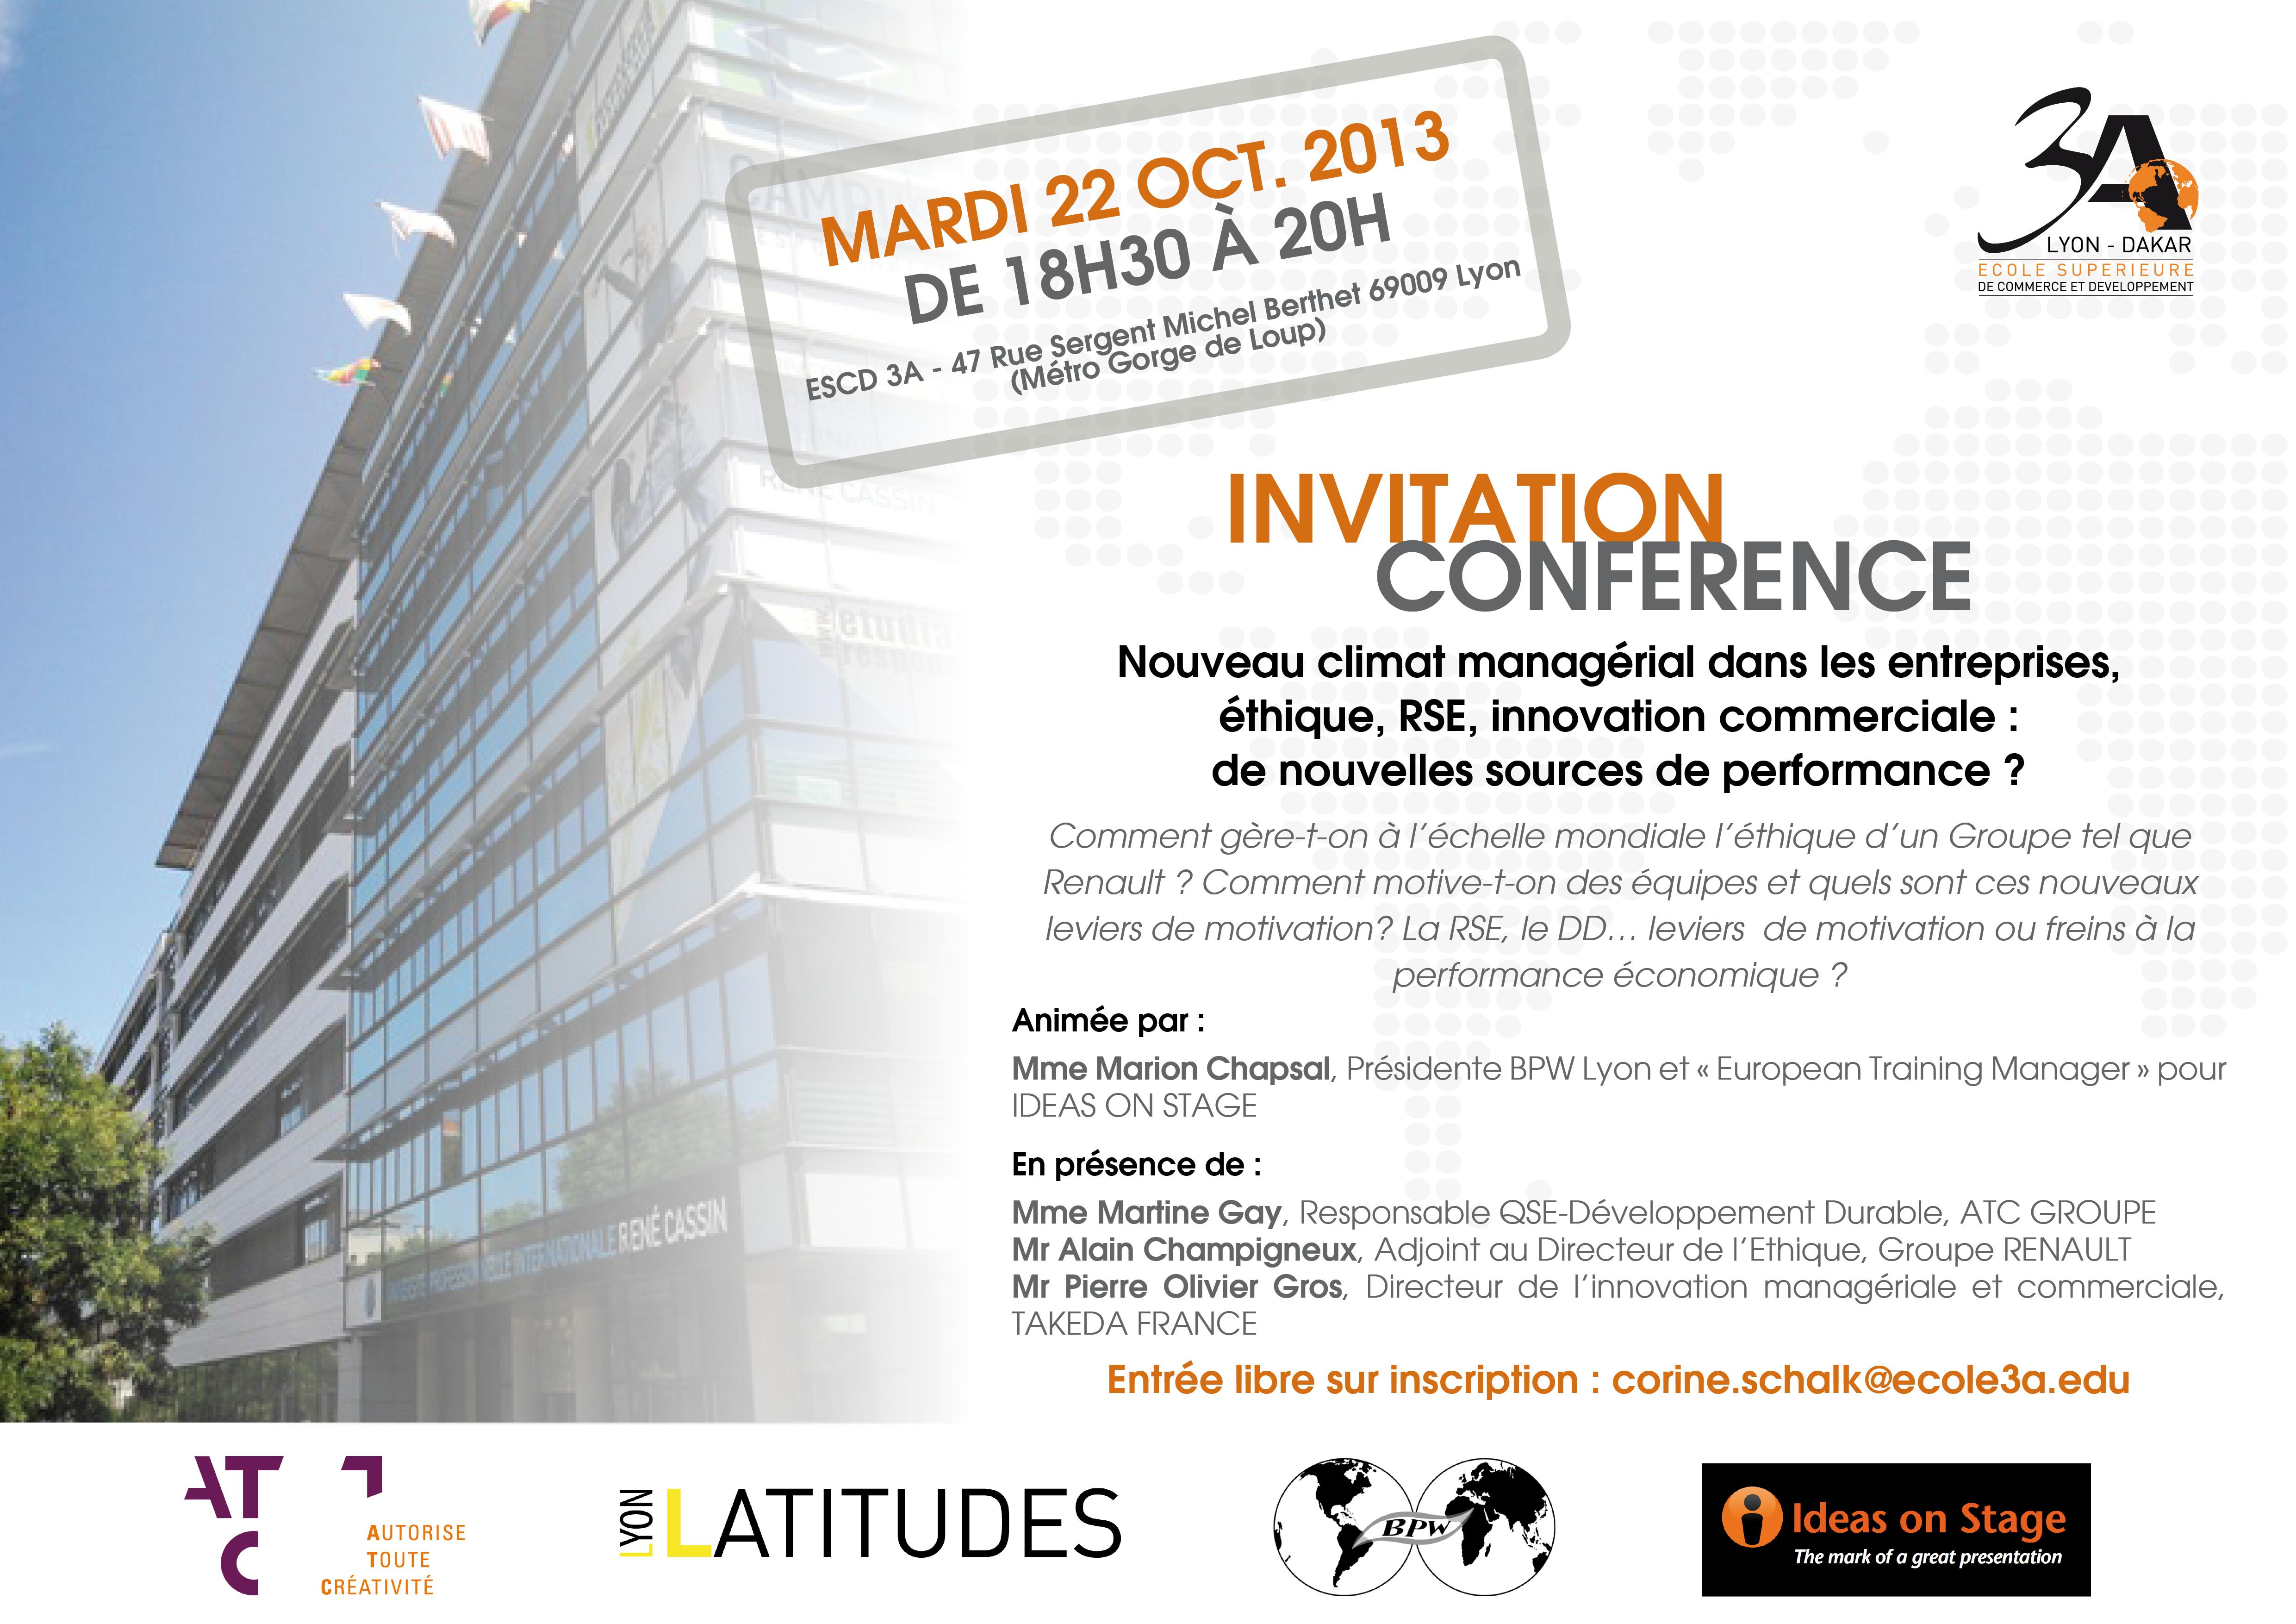 Conférence « Nouveau climat managérial dans les entreprises »